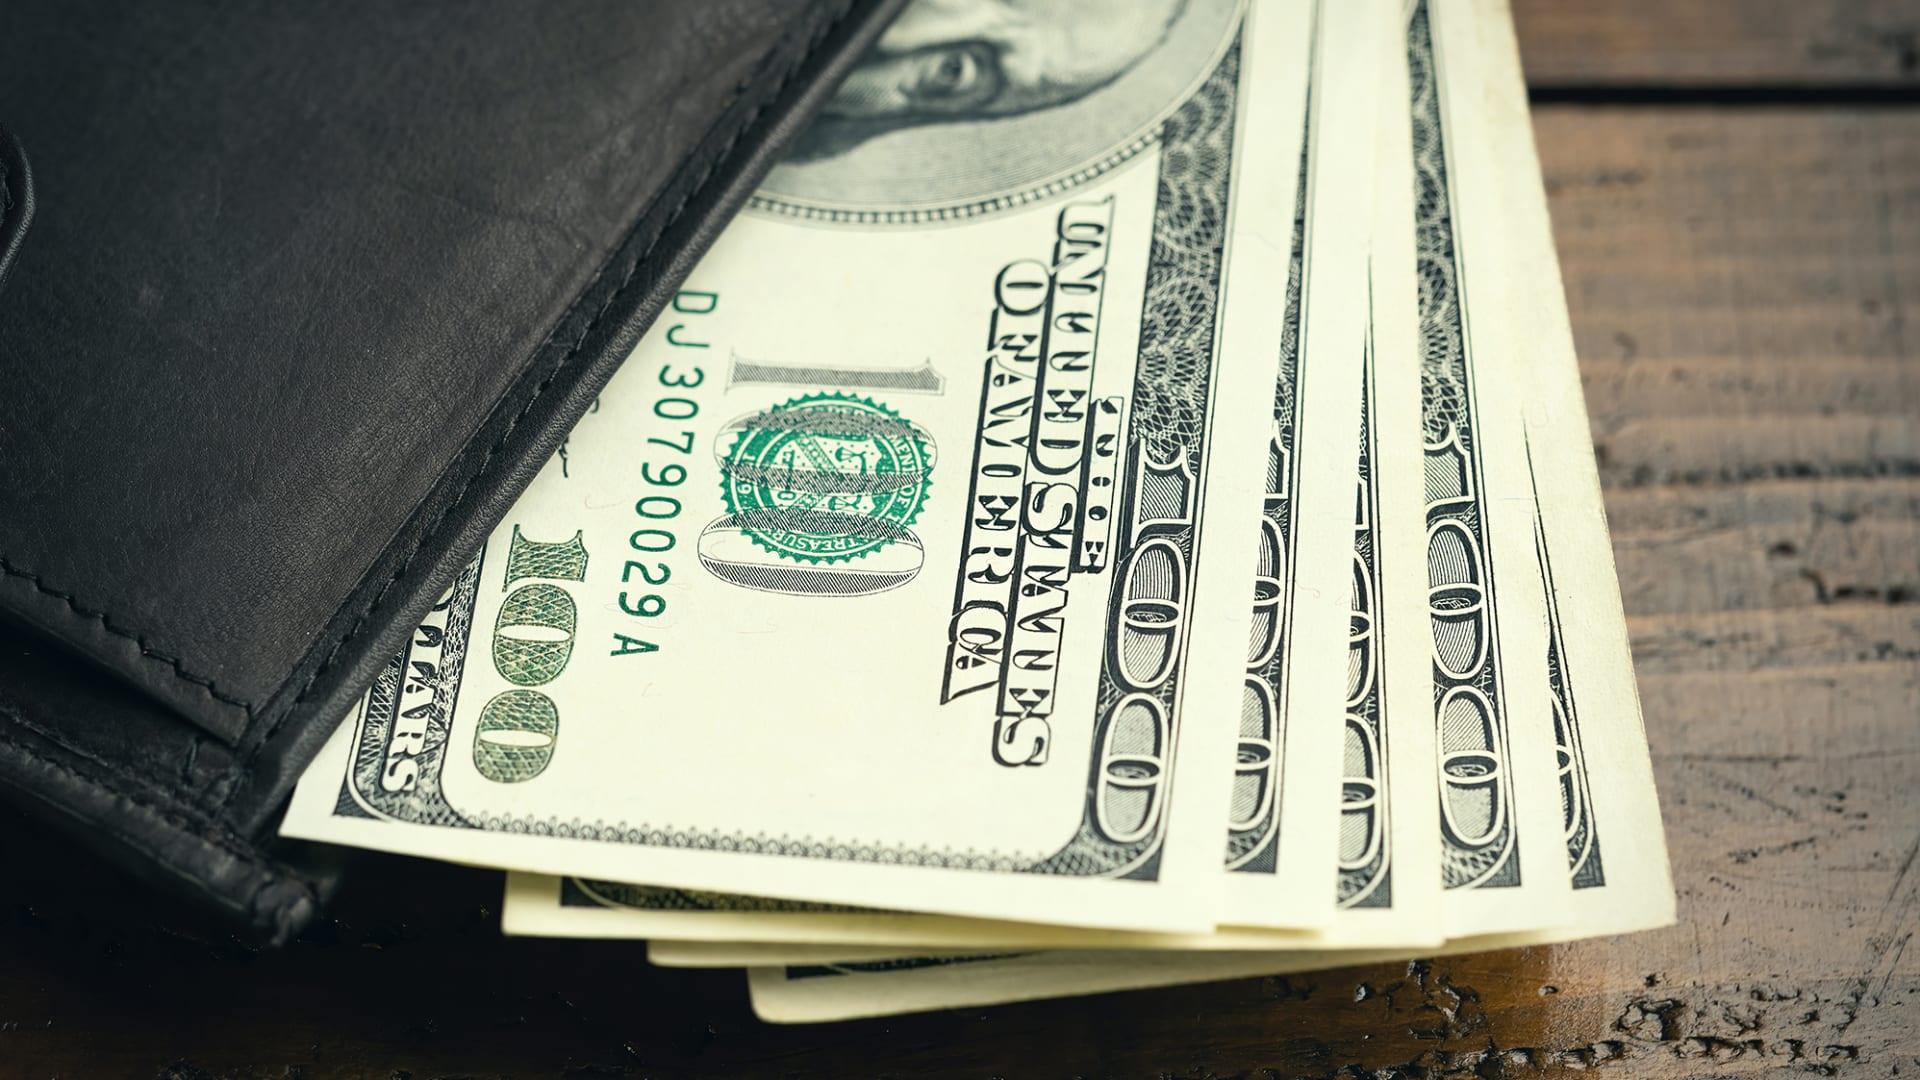 هل حصلت على دخل إضافي؟ إليك بعض الطرق لاستثمار أموالك